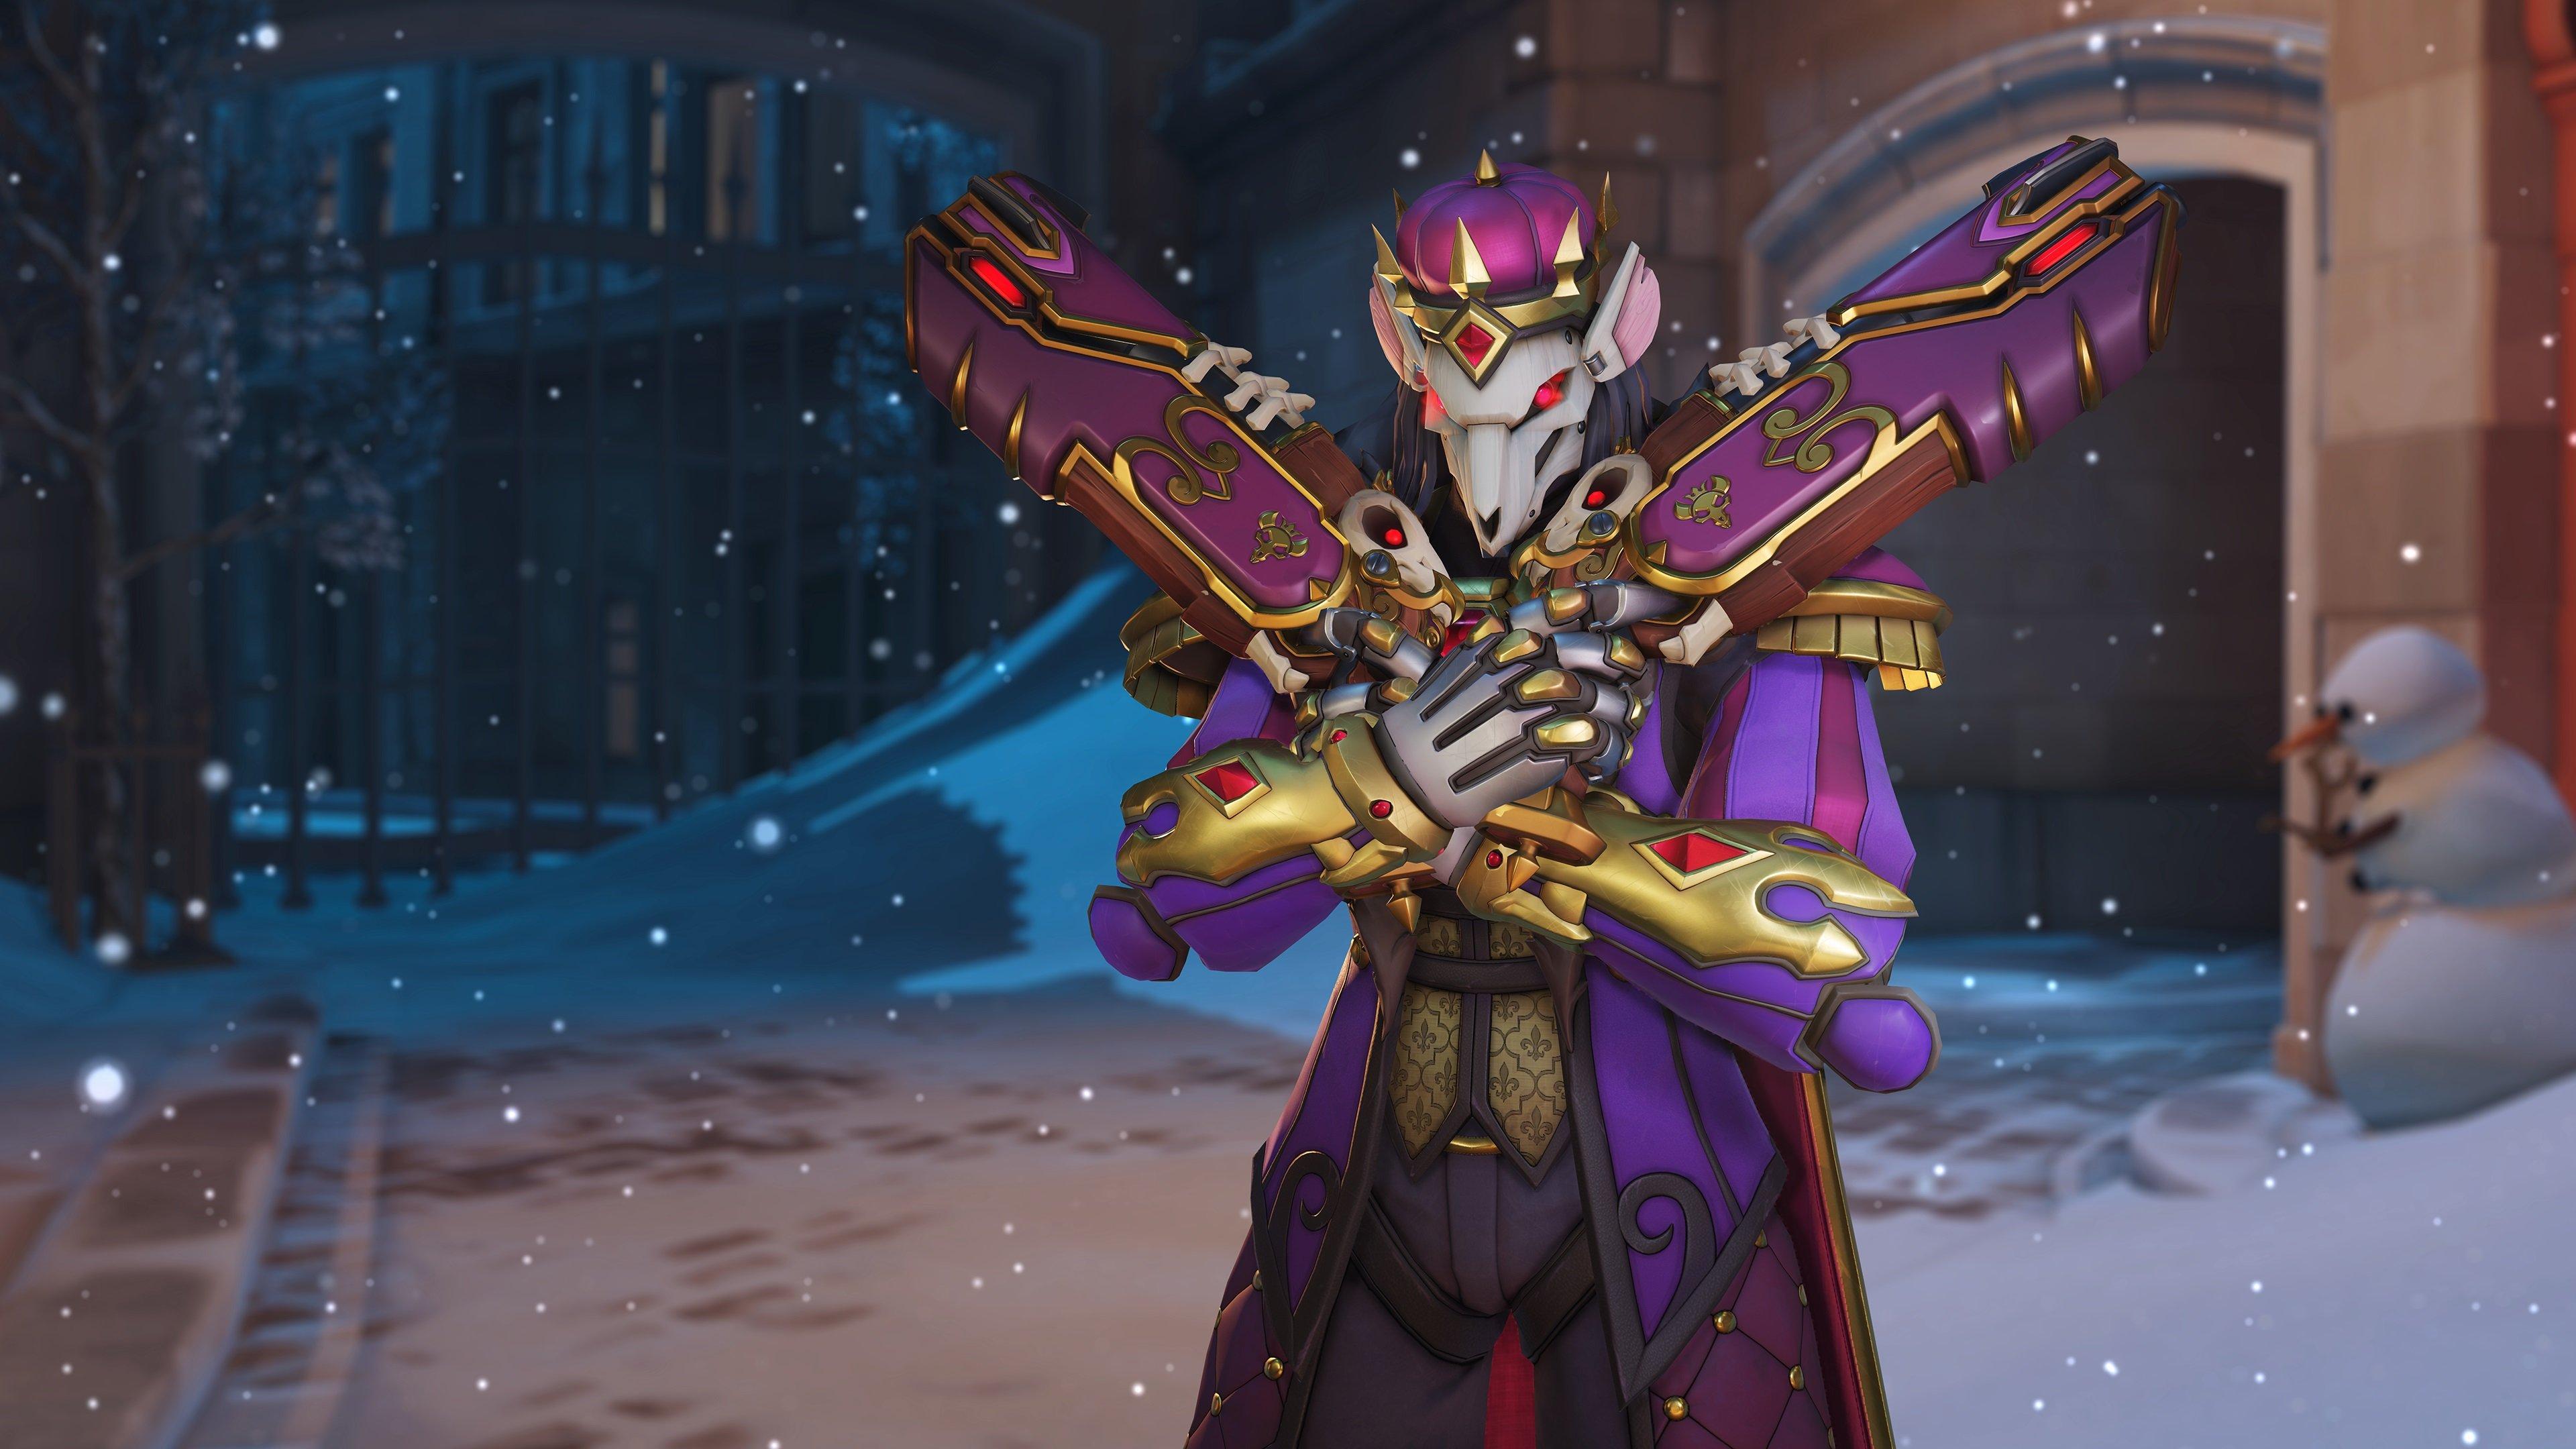 Overwatch - Rat King Reaper